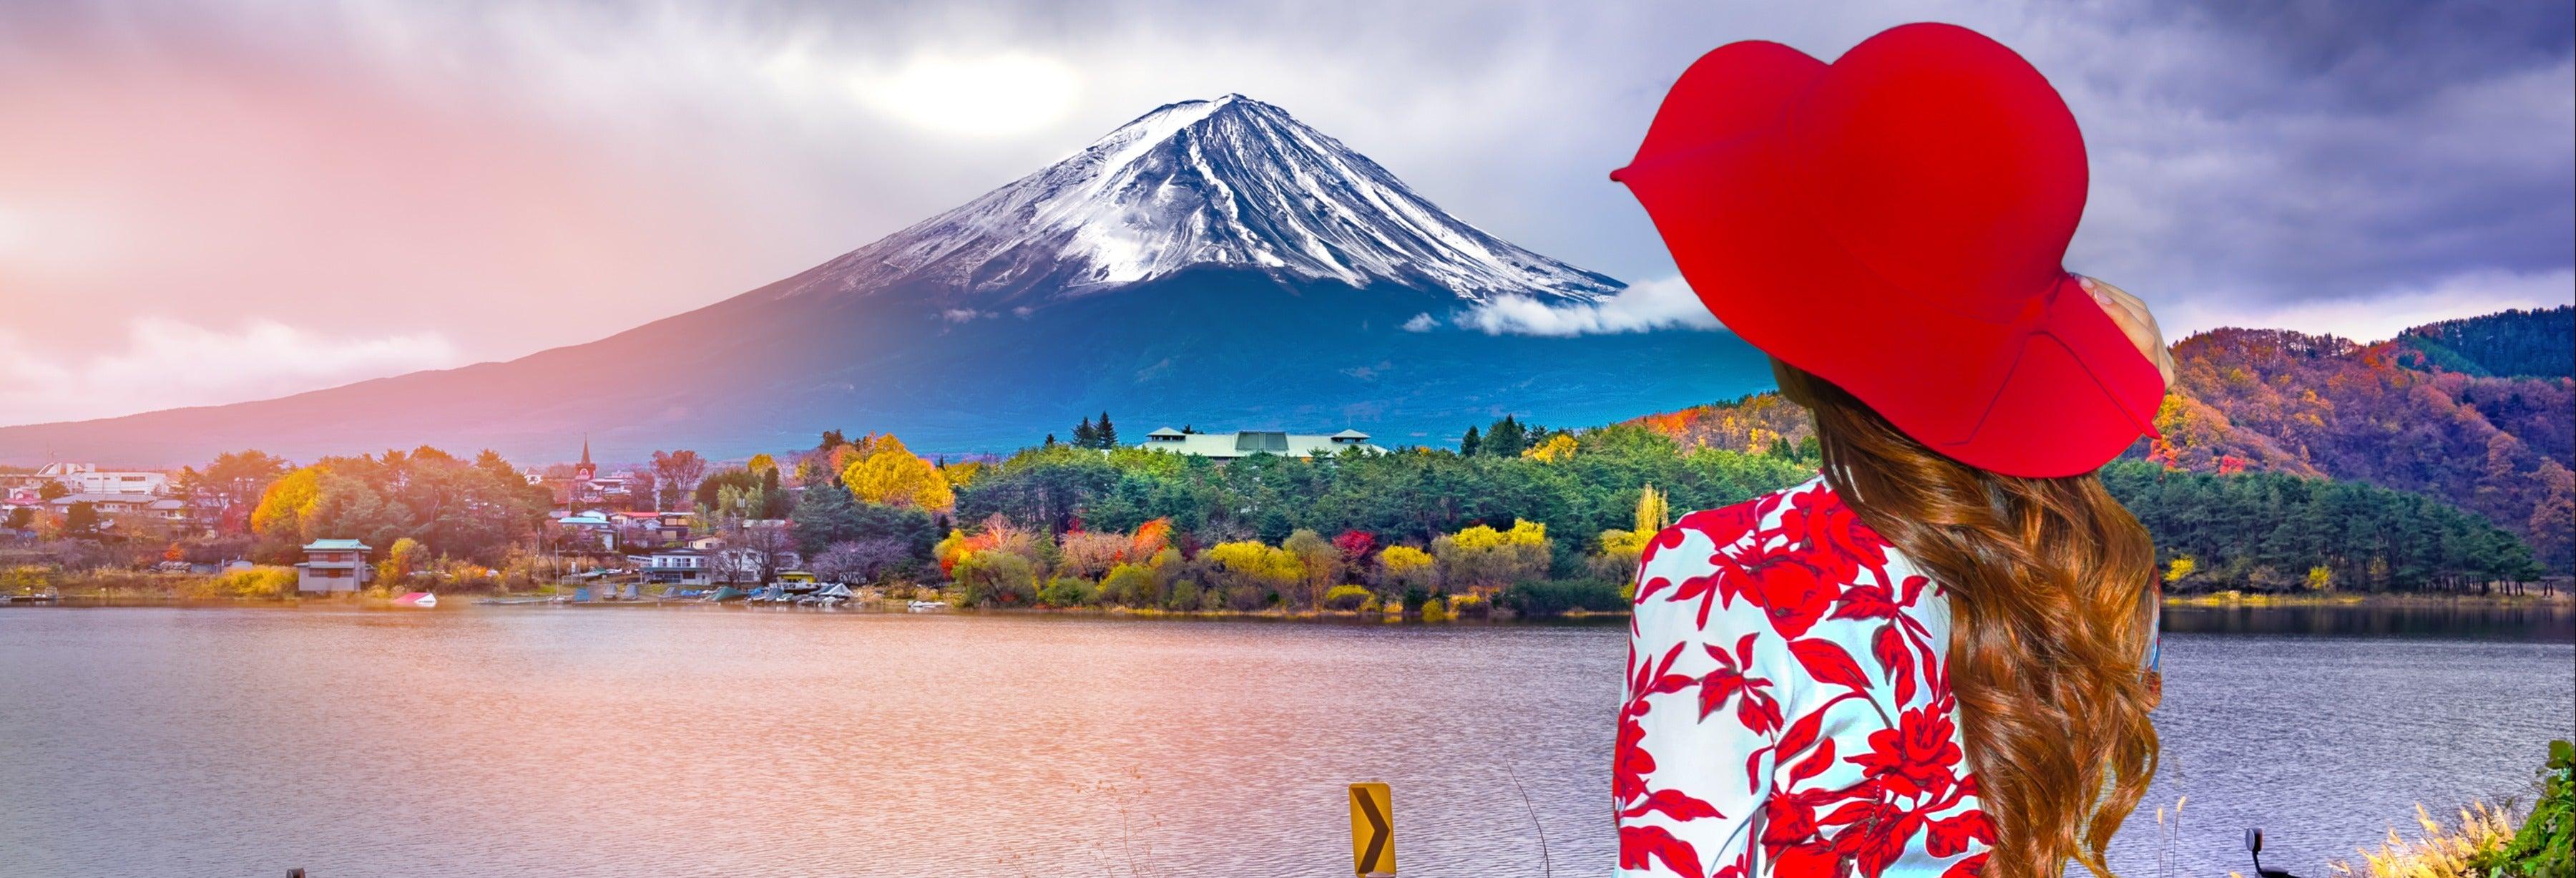 Monte Fuji, lago Kawaguchi e Gotemba Premium Outlets